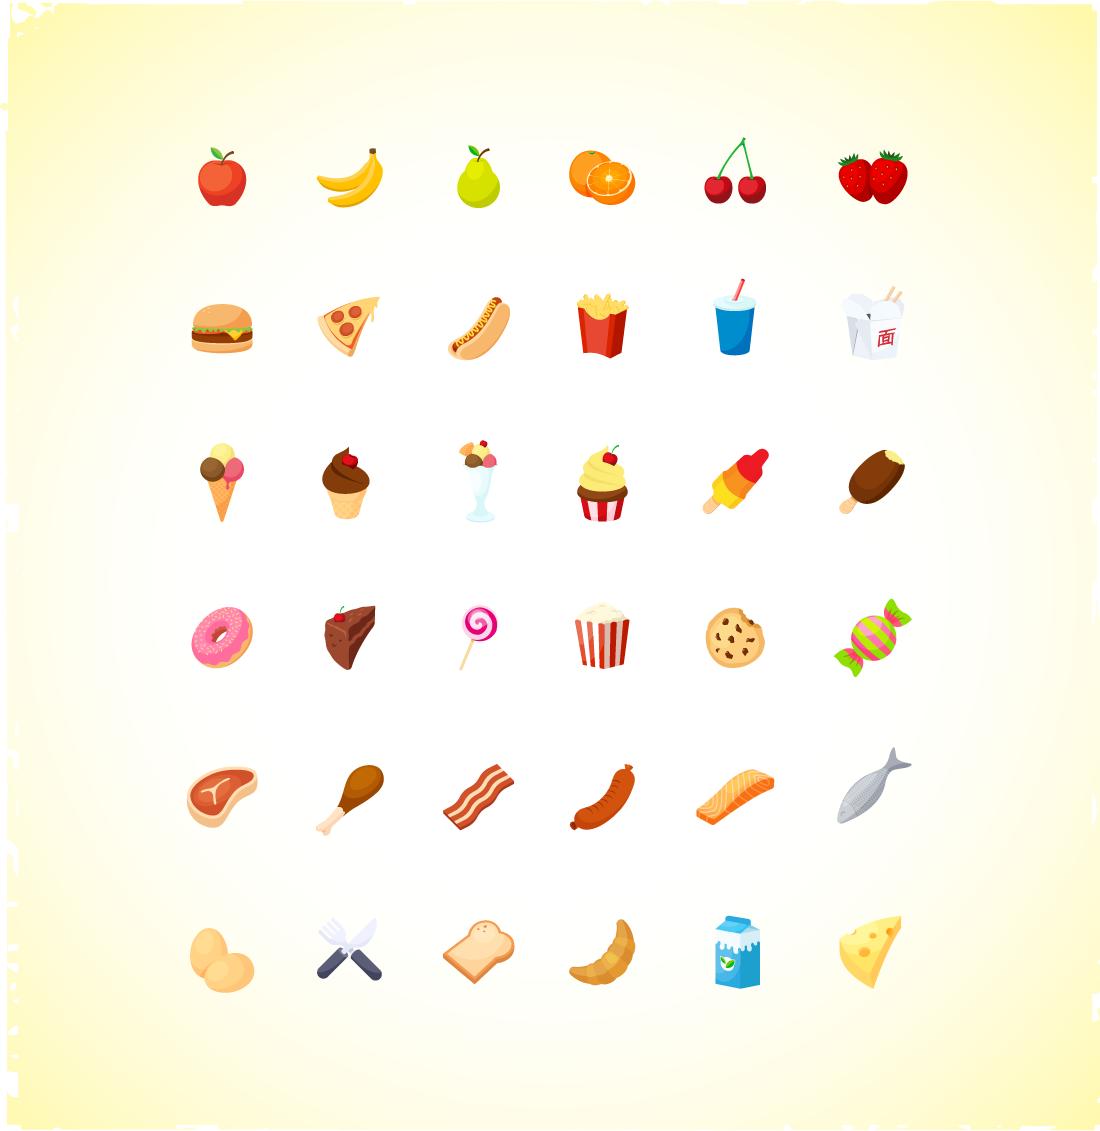 iconen_grafisch_ontwerp_illustratie_jordivisser_eten